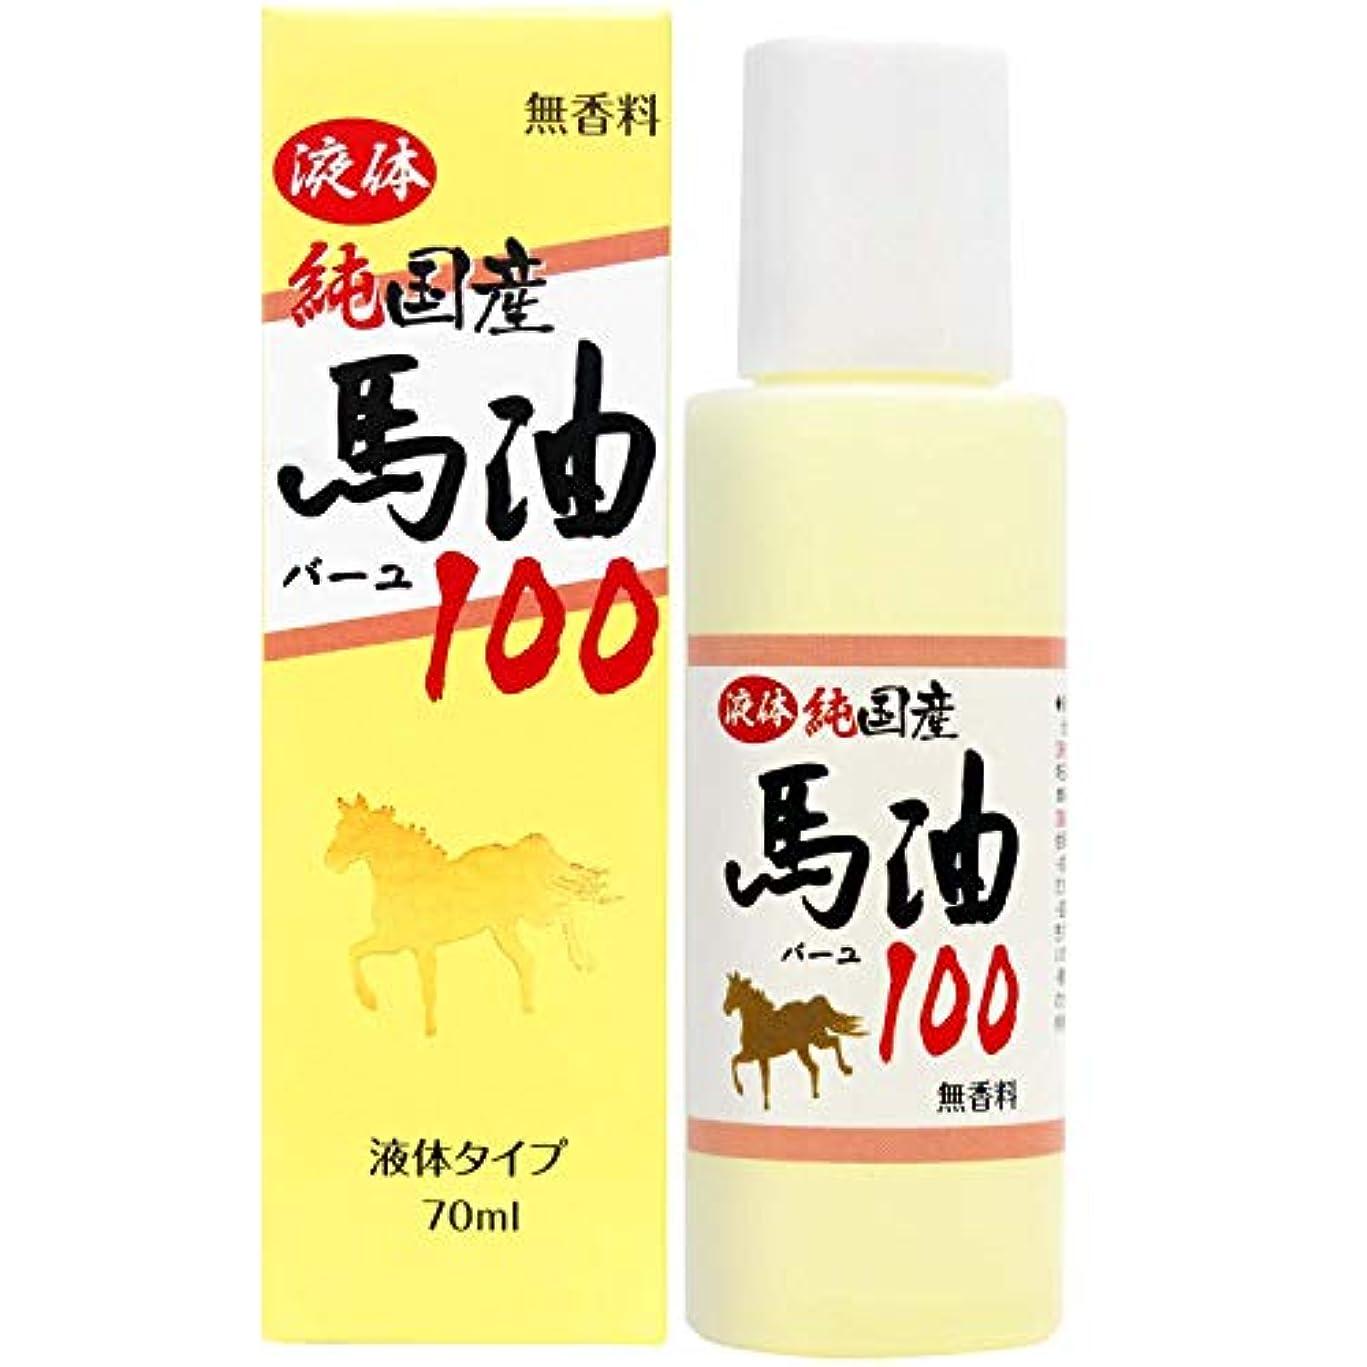 フィヨルドアメリカ言語ユウキ製薬 液体純国産馬油100 70ml